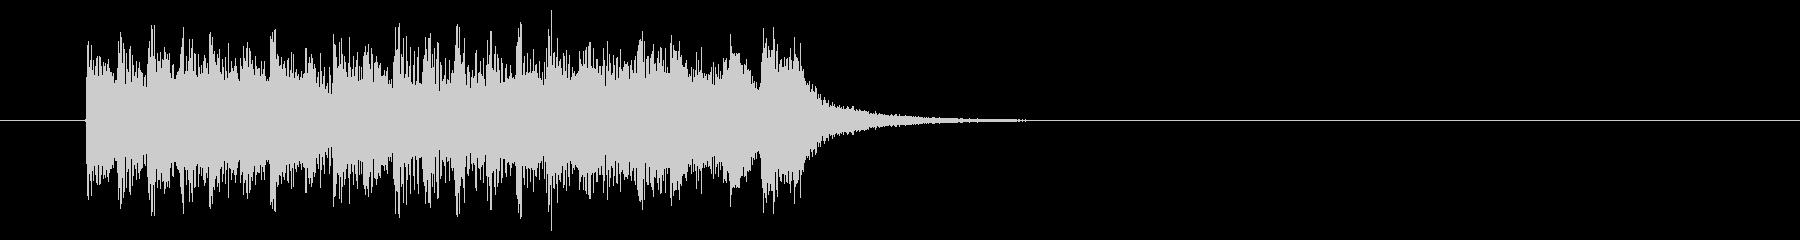 ジングル(タイト・ポップス風)の未再生の波形